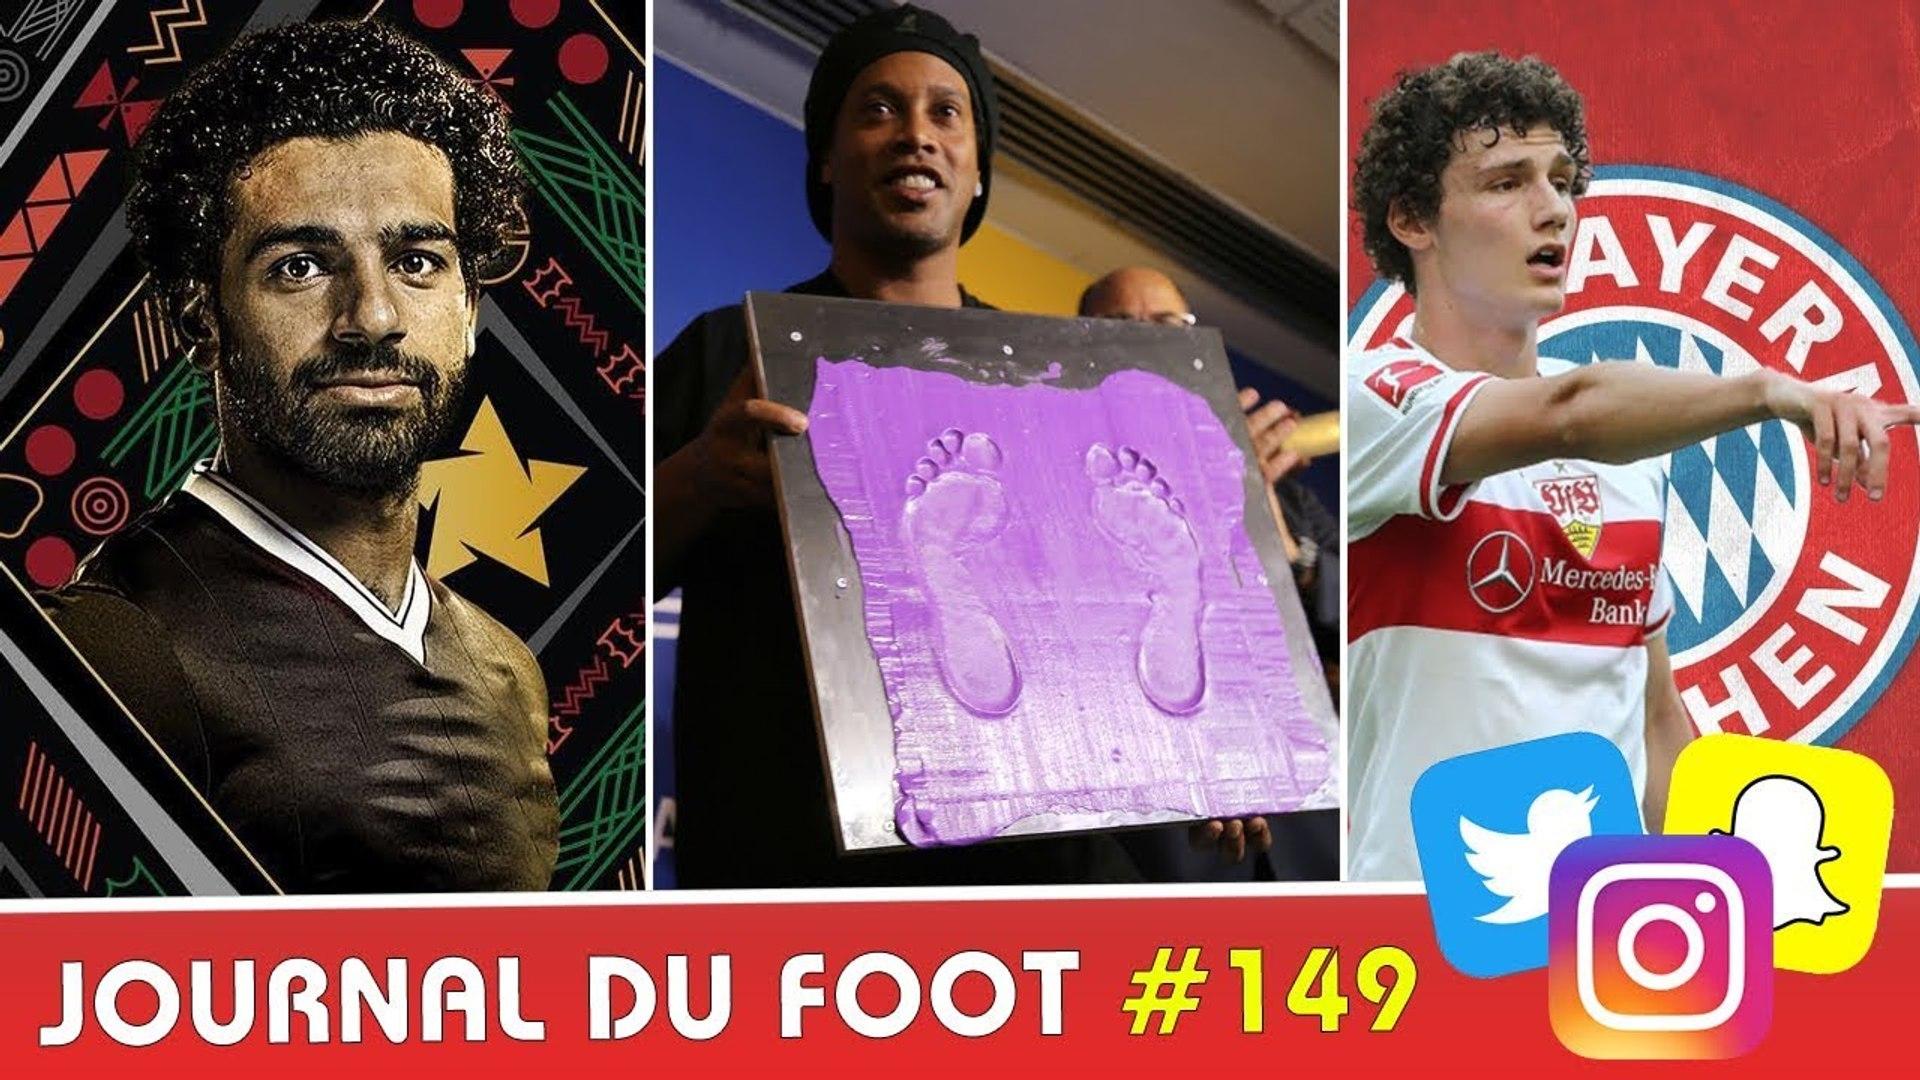 SALAH meilleur joueur africain, RONALDINHO au Panthéon du foot brésilien, PAVARD au BAYERN